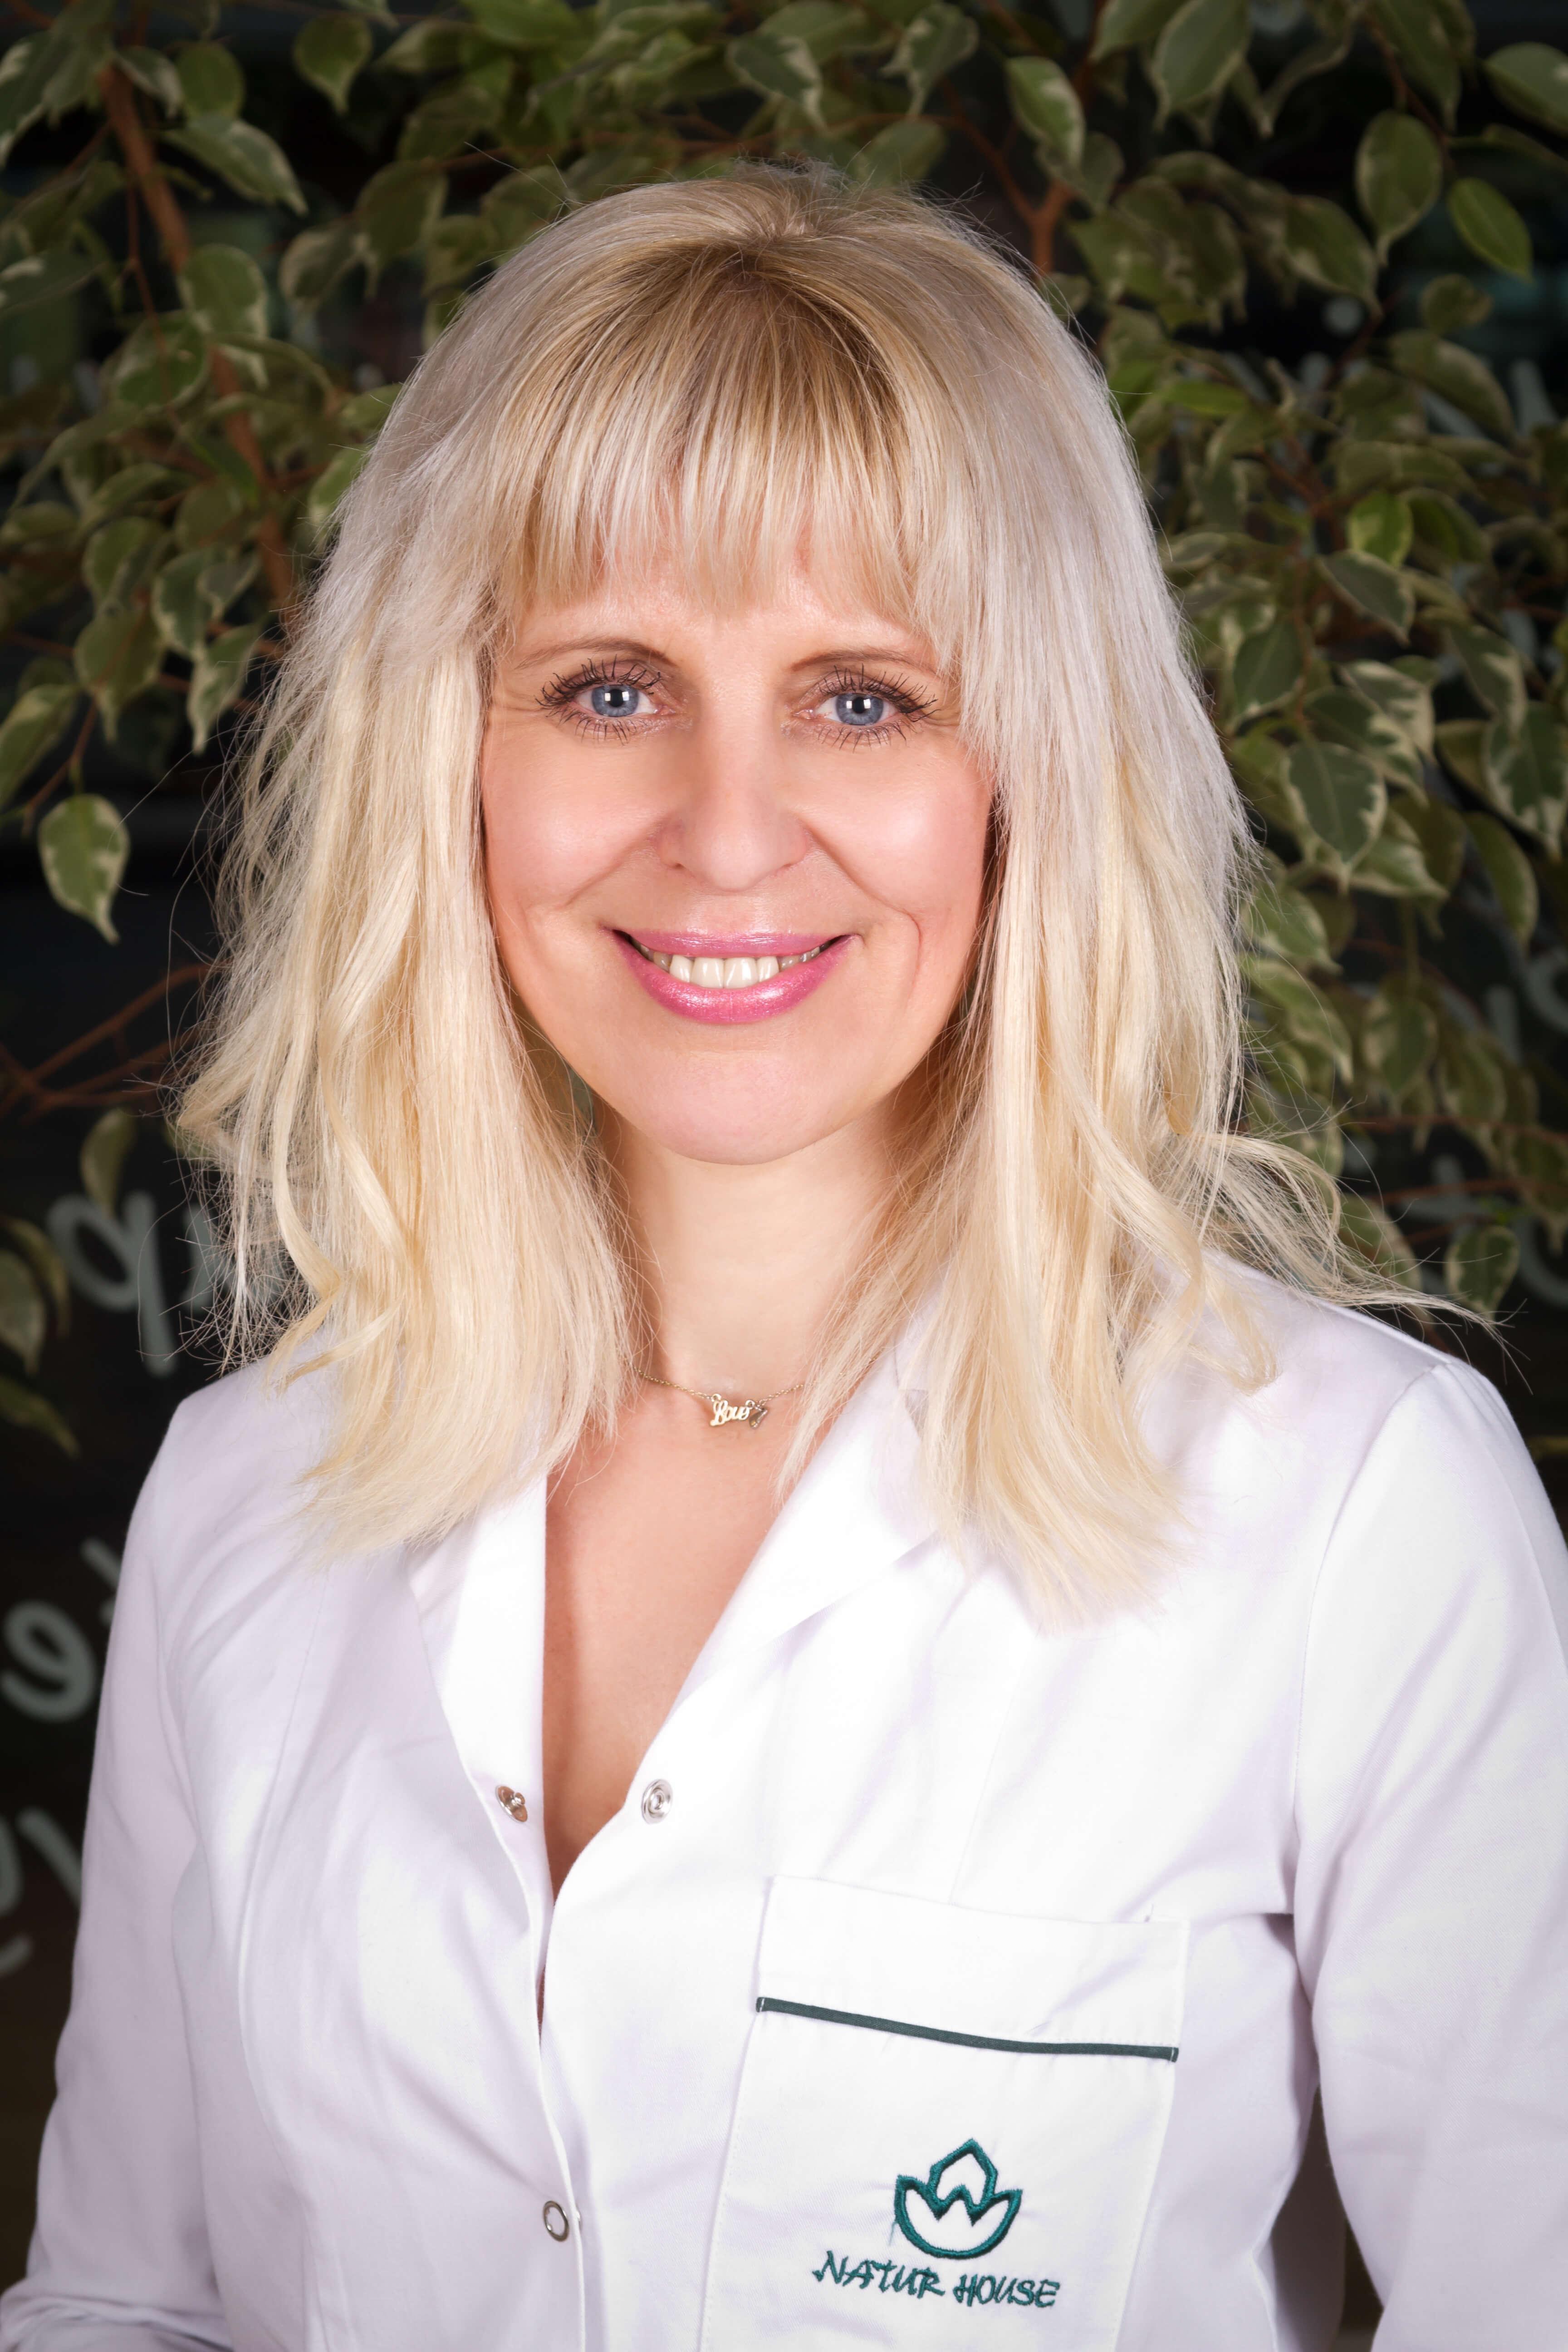 Na dotazy odpovídá Věra Burešová, hlavní výživová poradkyně NATURHOUSE.